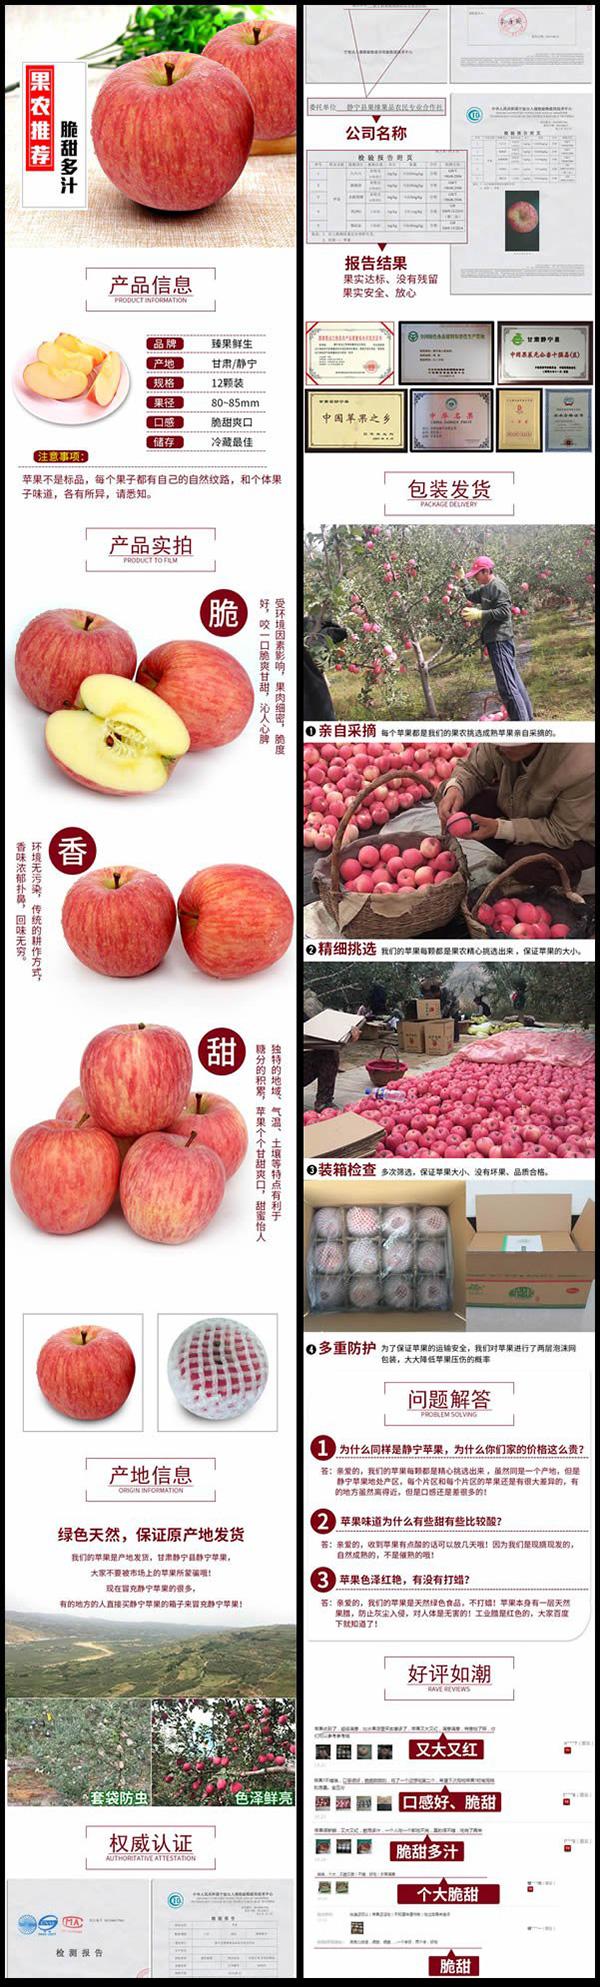 淘宝红苹果详情页